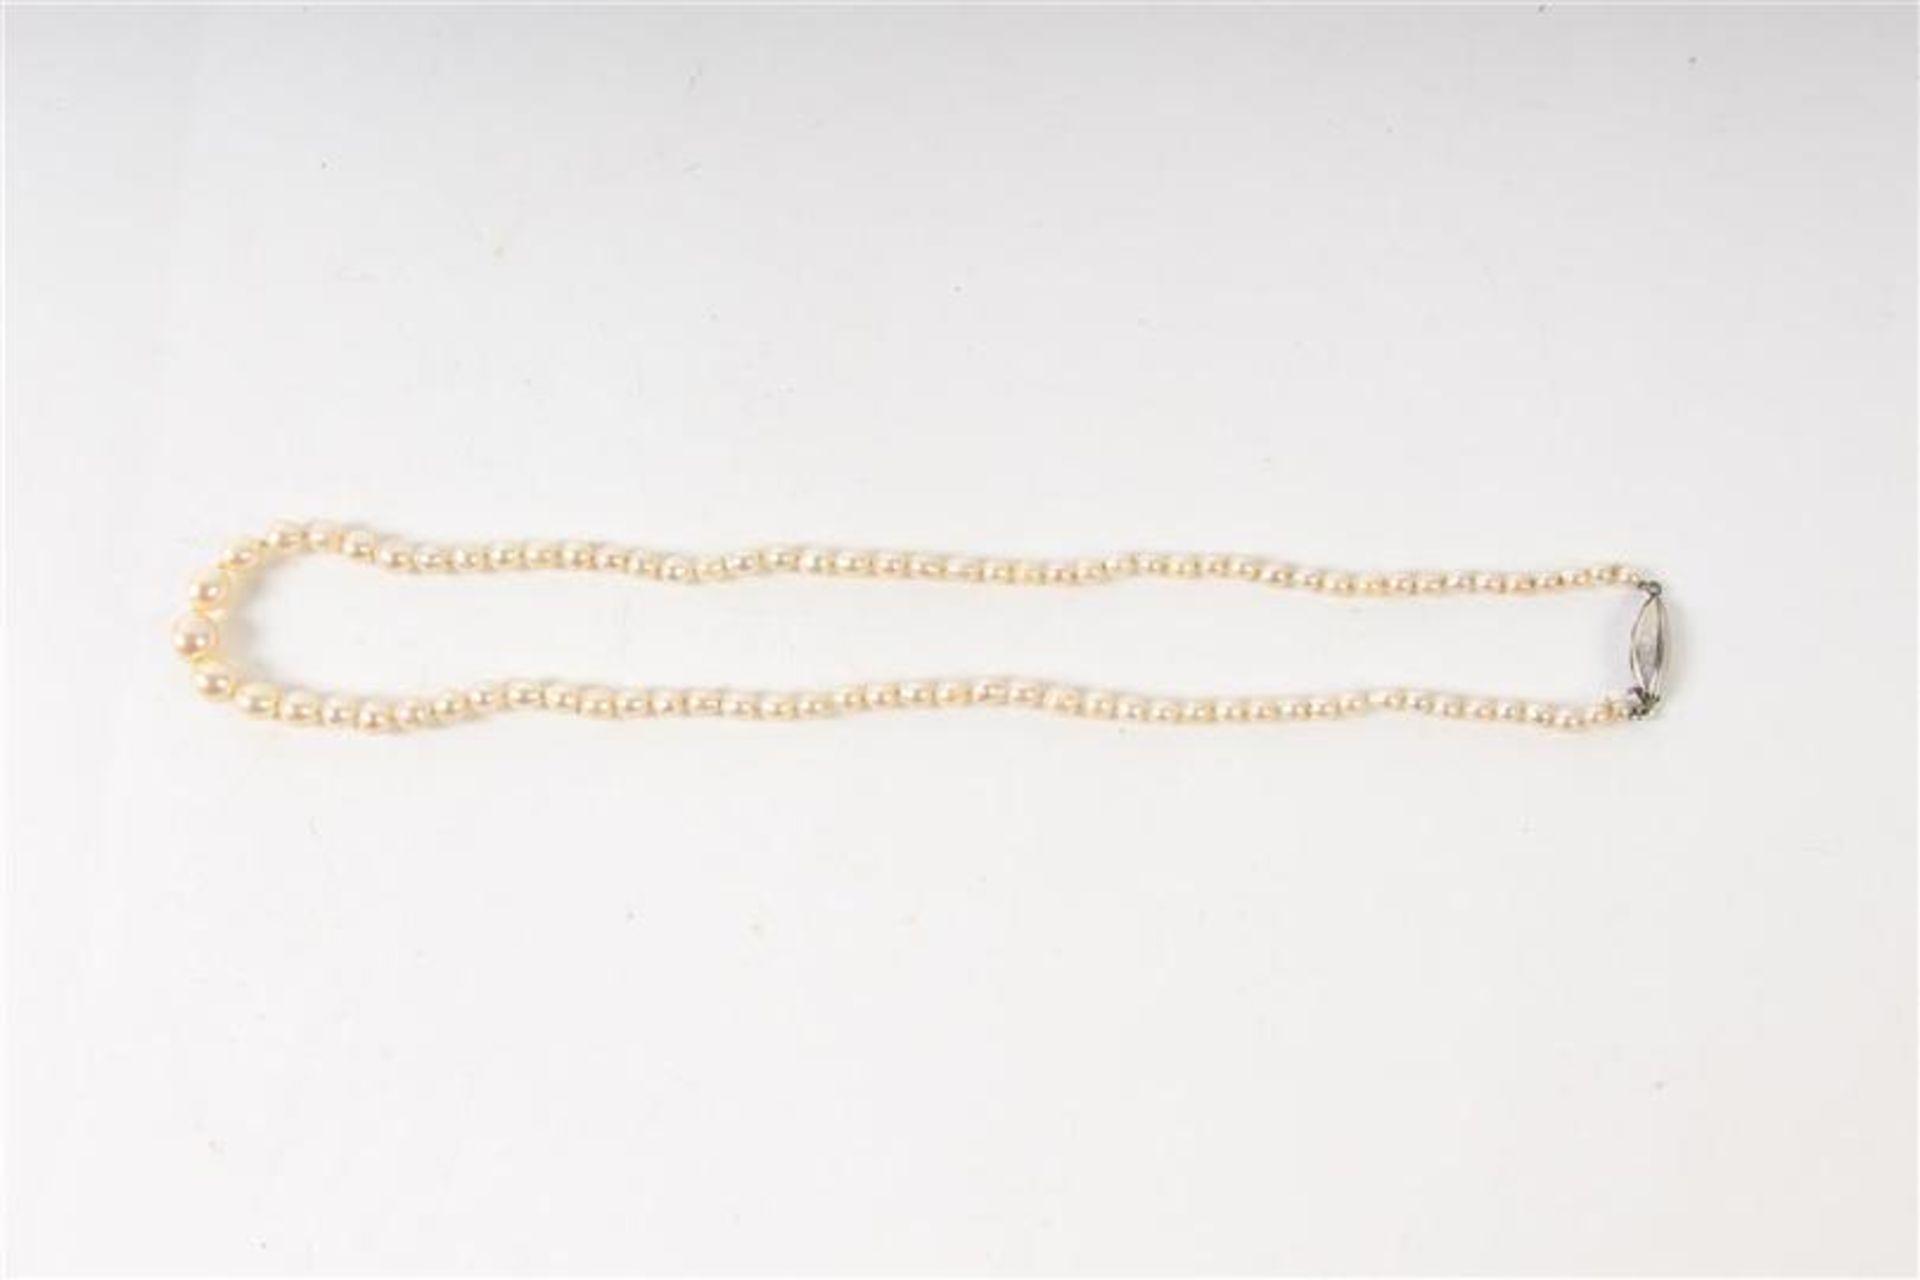 Akoya parelsnoer met zilveren sluiting. L: 48 cm. - Bild 3 aus 3